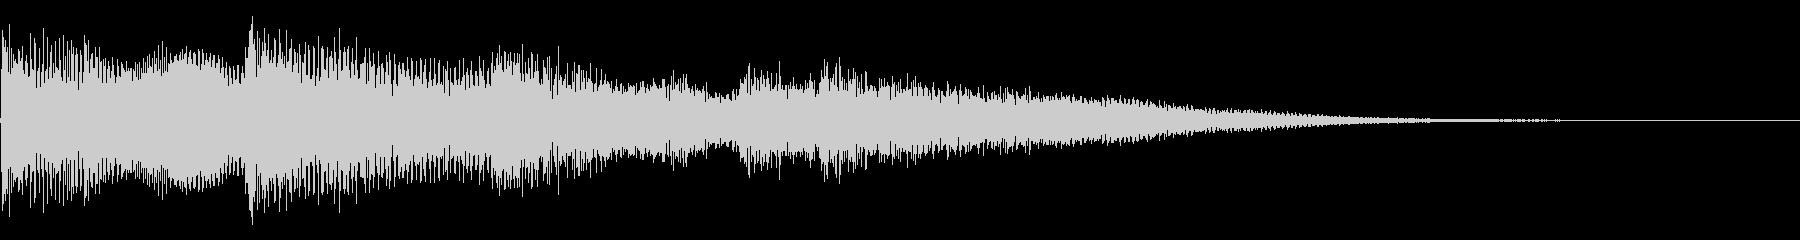 ジングル・ピアノ・エンディング・優しいの未再生の波形